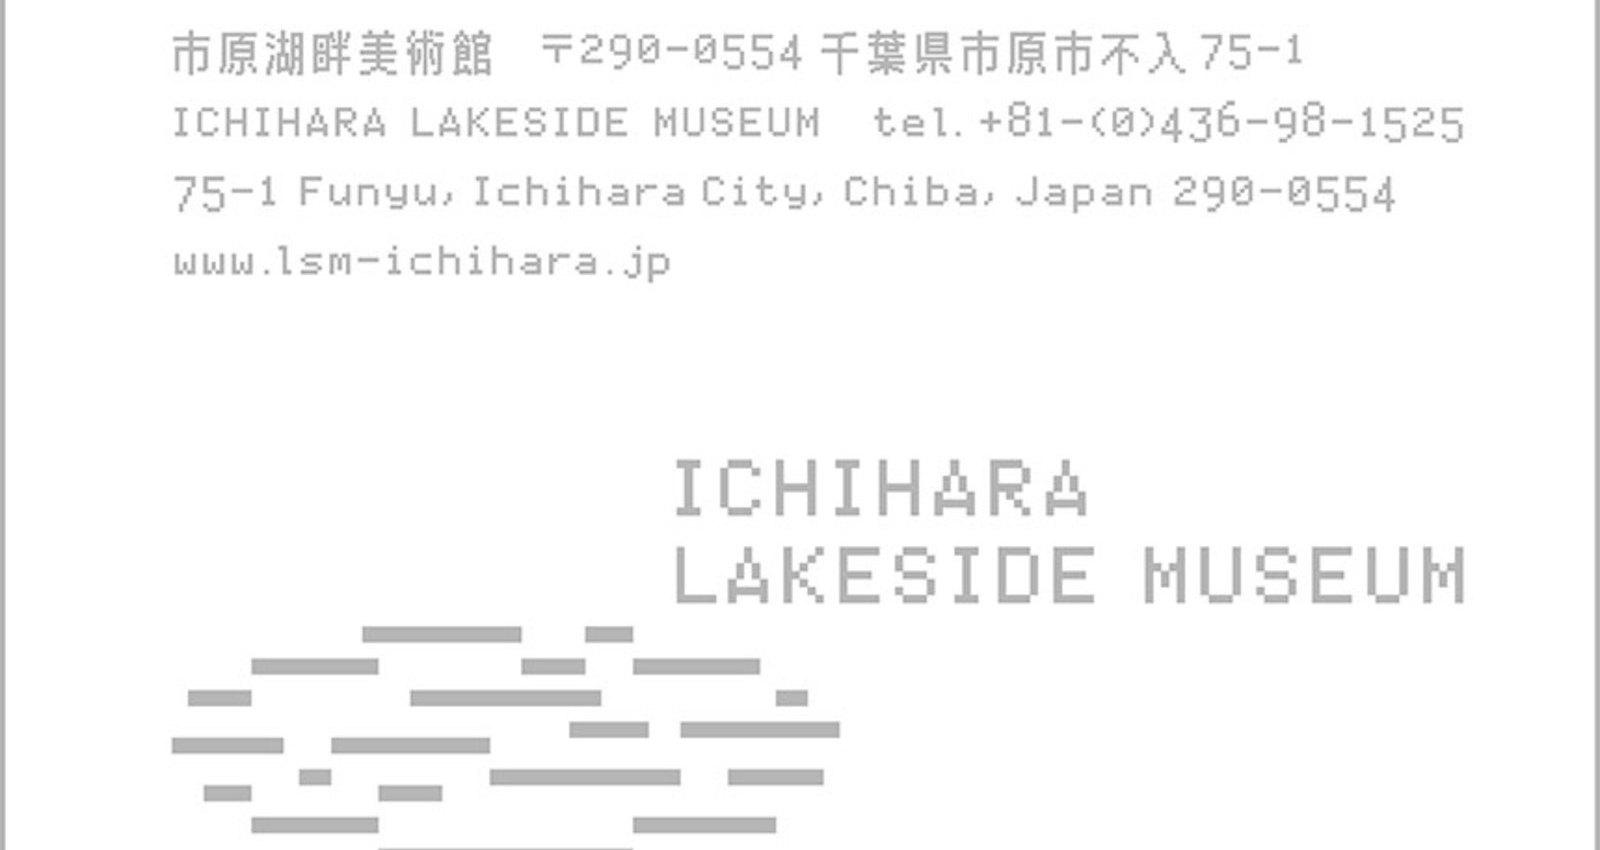 Ichihara Lakeside Museum identity